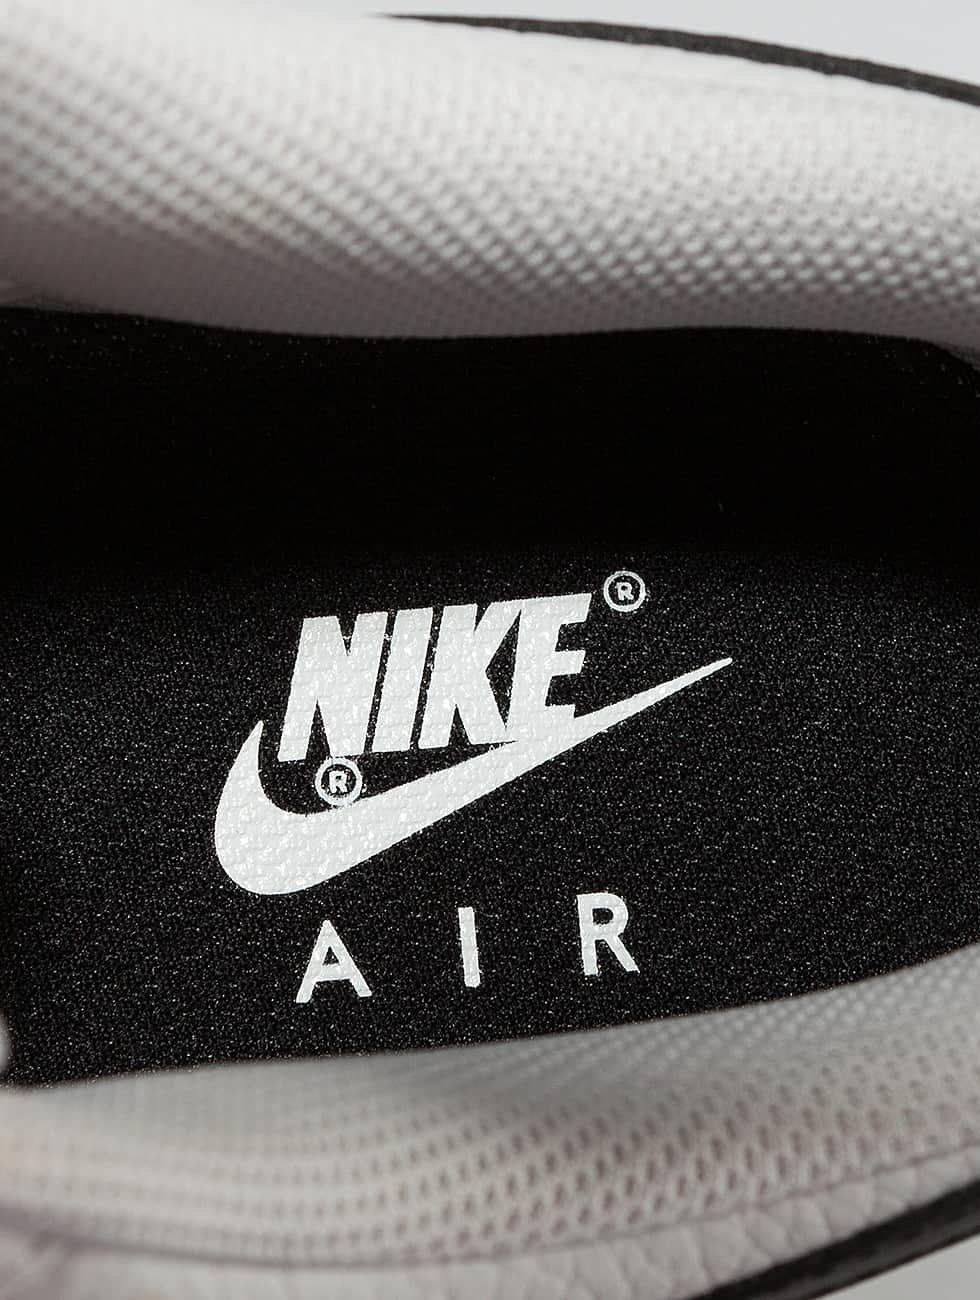 Outlet Nike schoen / sneaker Air Force 1 '07 in grijs 422566 Visa Betaling Online Te Koop 2018 Nieuwe Online Outlet Lage Prijzen z1qnh